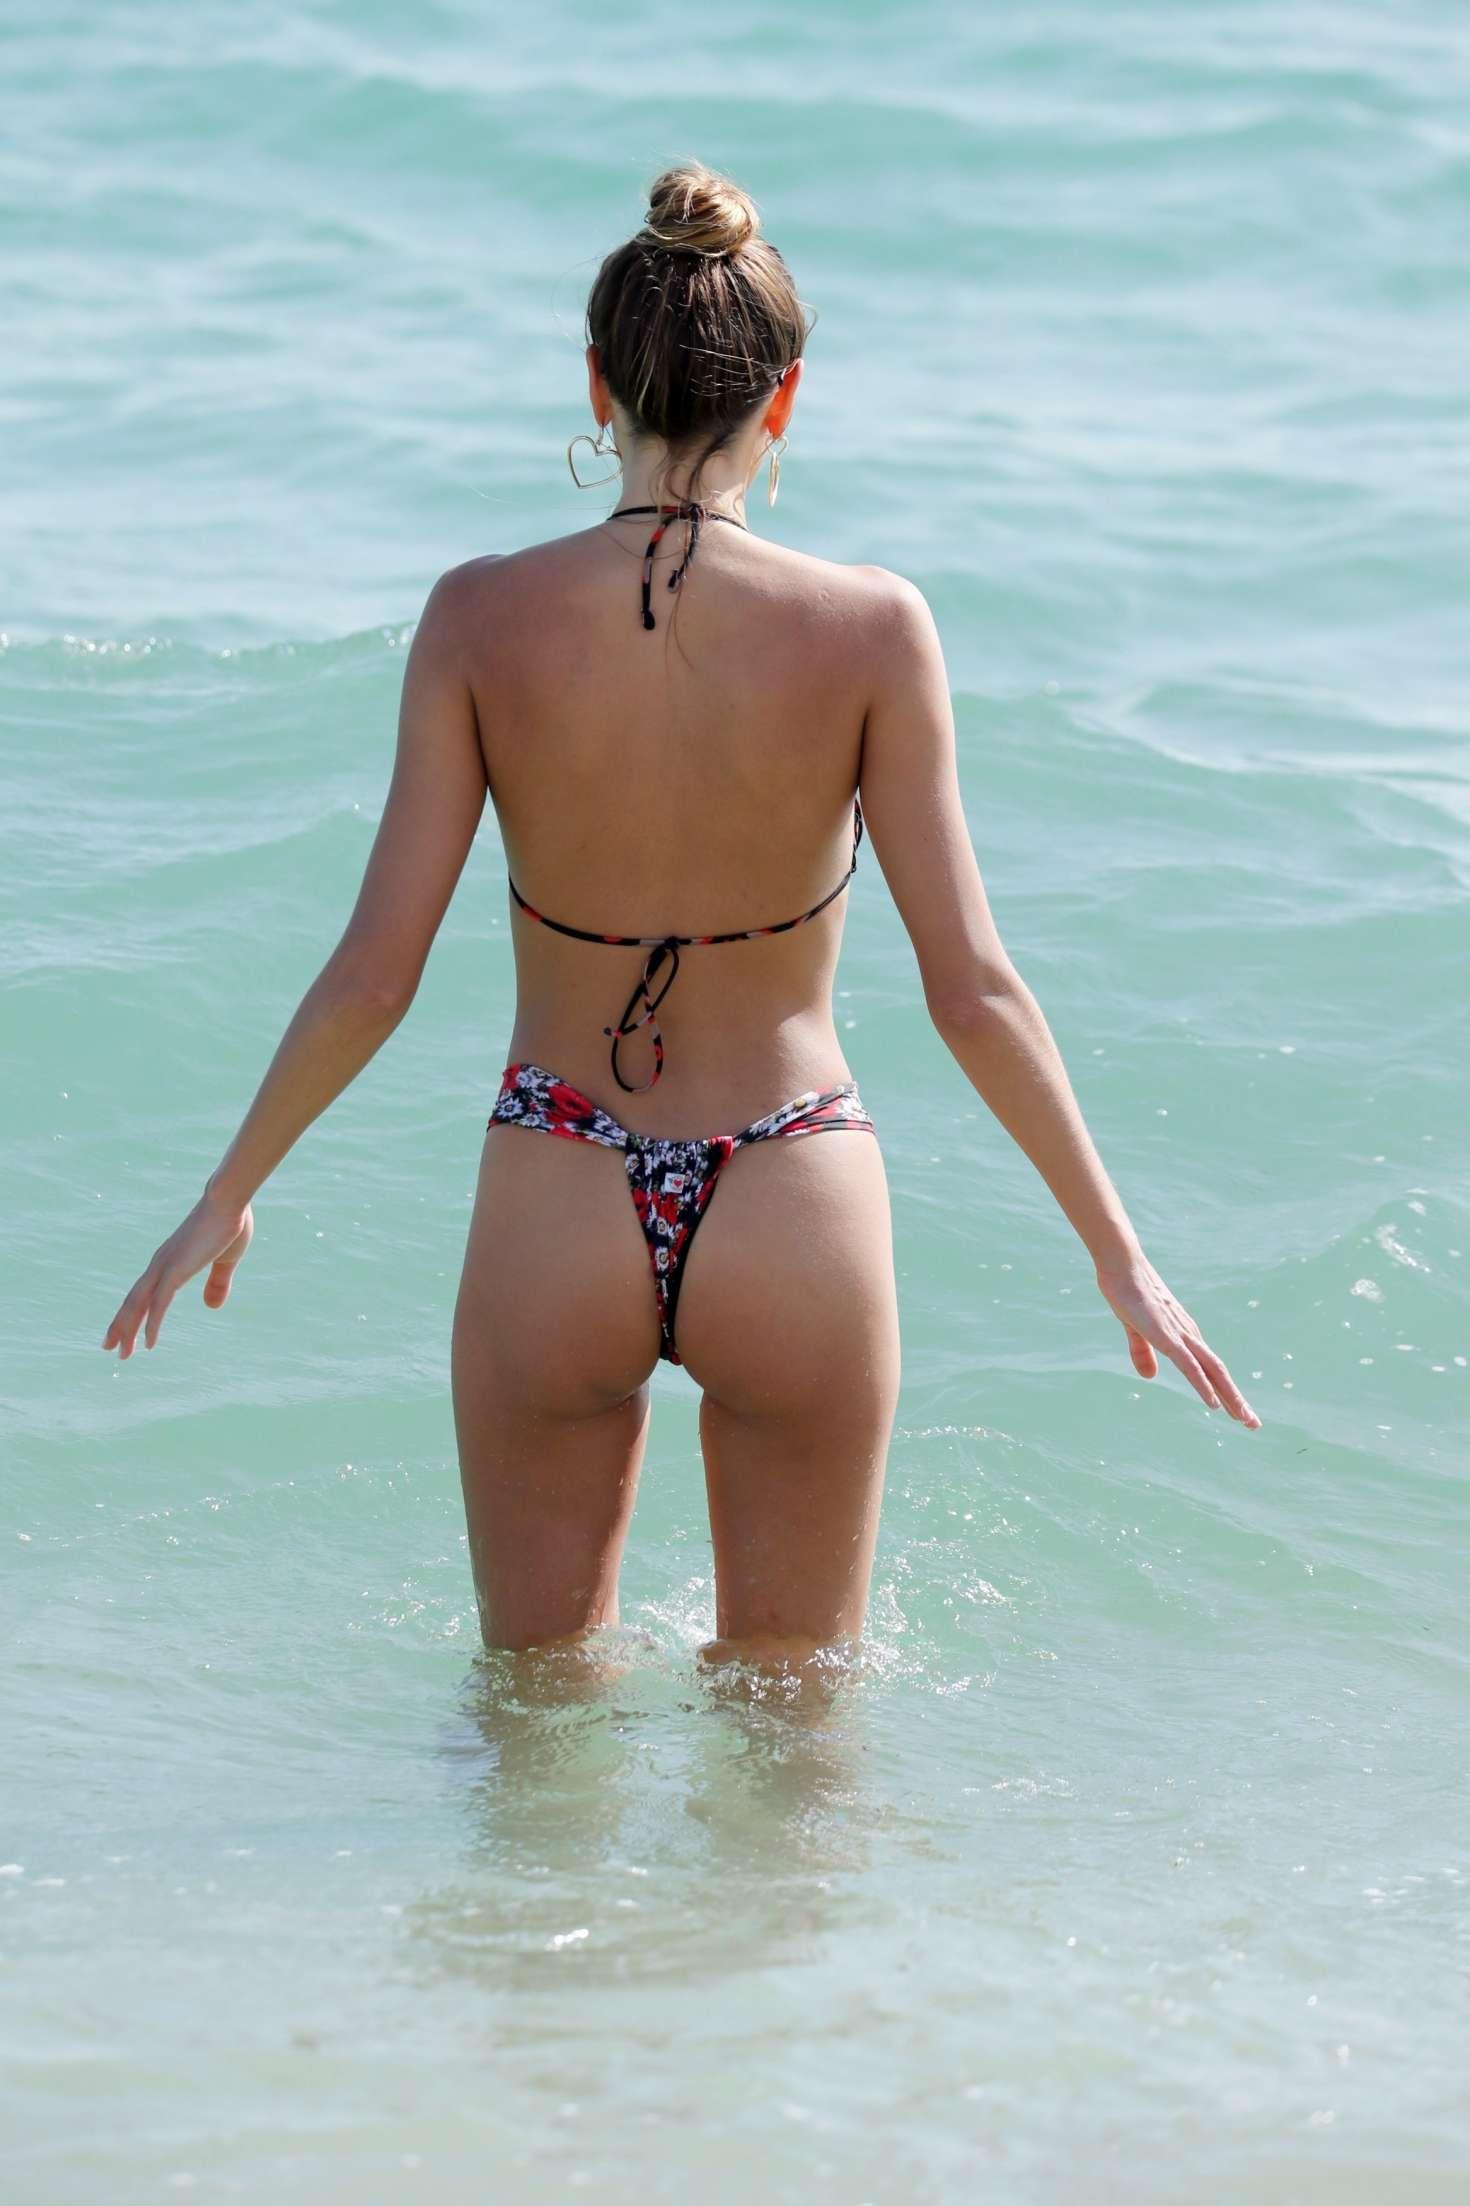 Alina Baikova Bikini Candids in Miami Pic 8 of 35